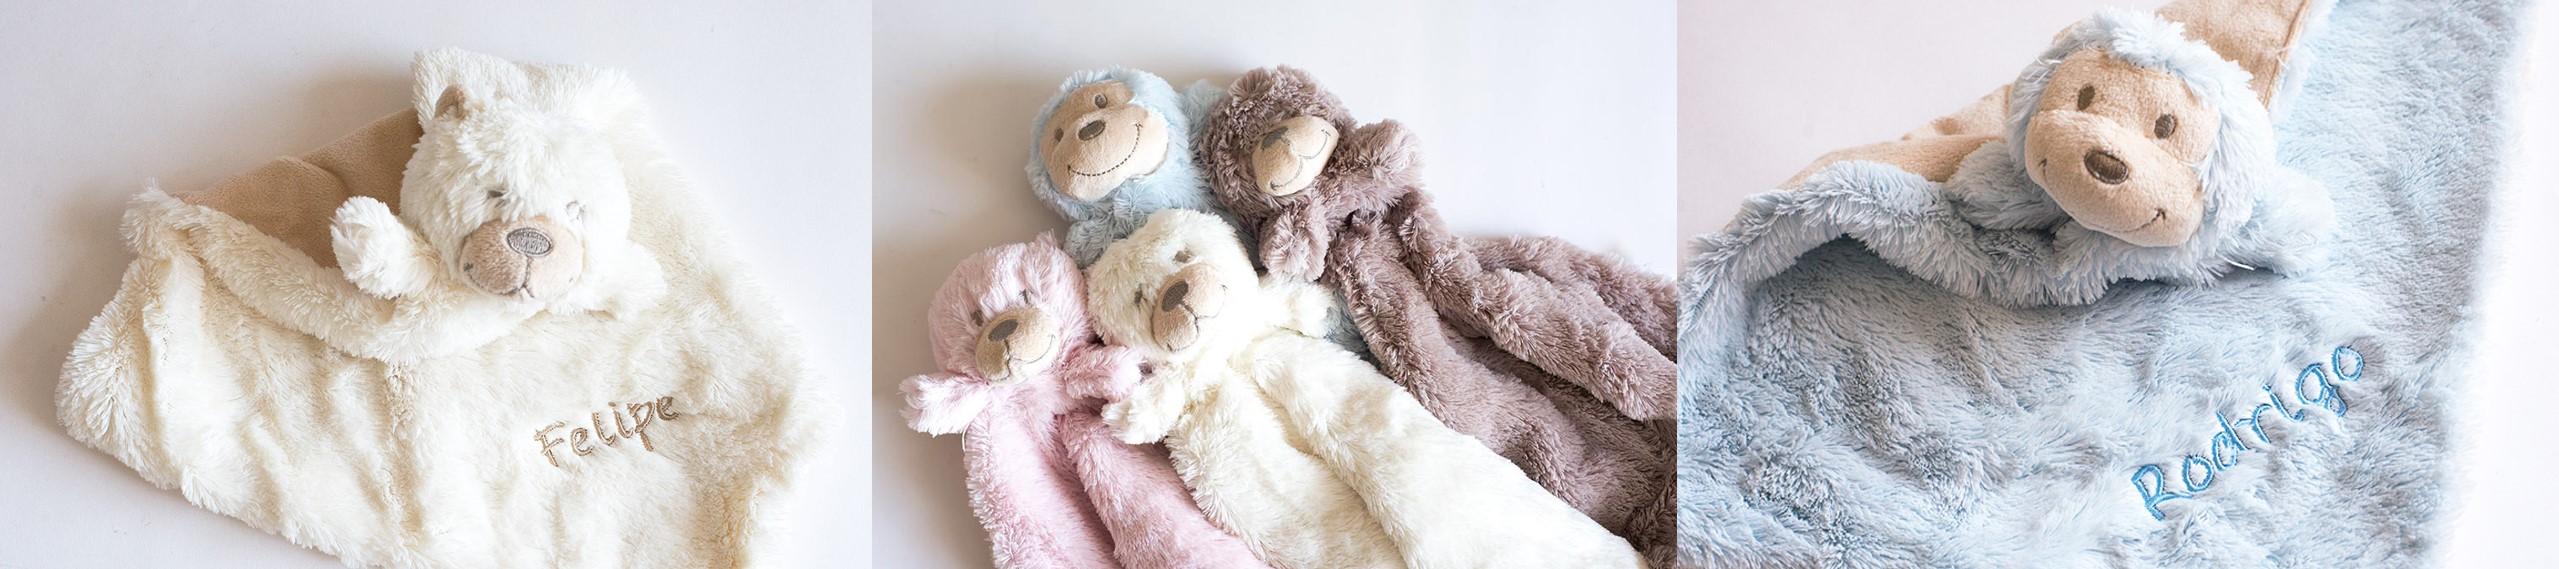 Regalos originales para bebes: mantas de apego, mantas seguridad bebés